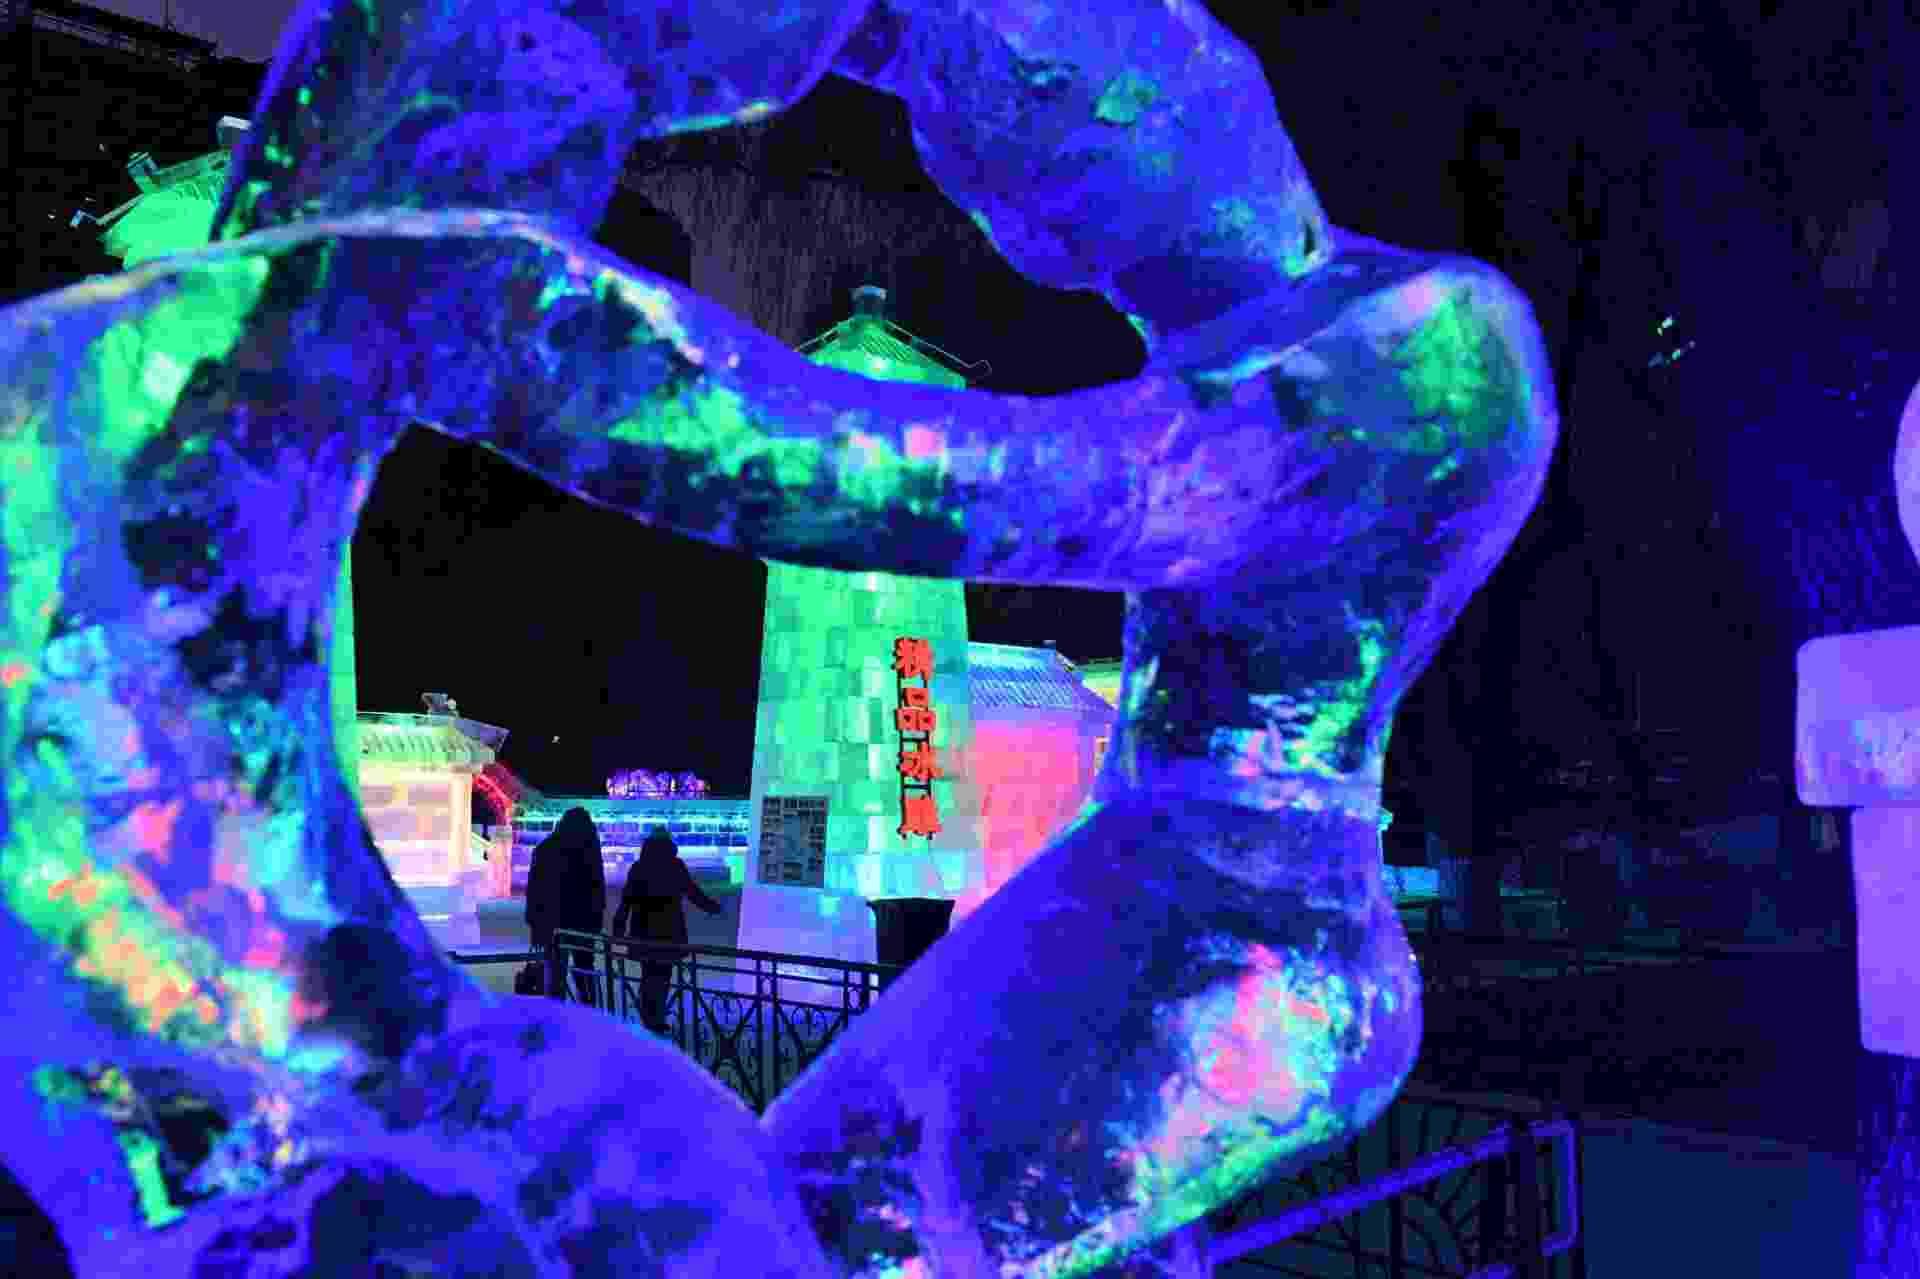 26.dez.2016 - Pessoas passeiam entre luminárias de gelo no 43º festival do gênero em Harbin, na China. As esculturas de gelo são baseadas na arte chinesa de jardim - Wang Song/Xinhua